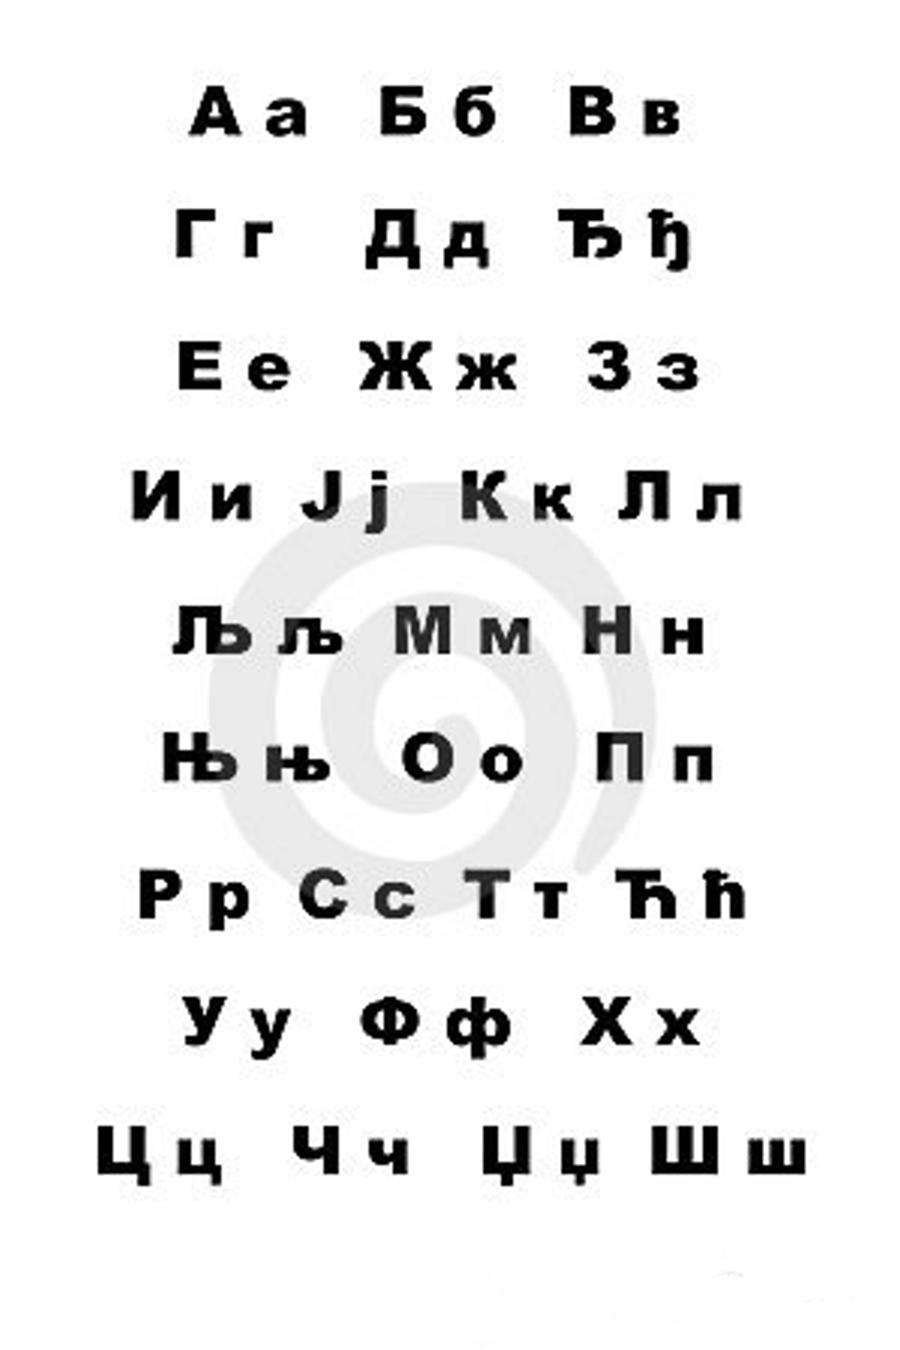 v alphabet 3d wallpaper